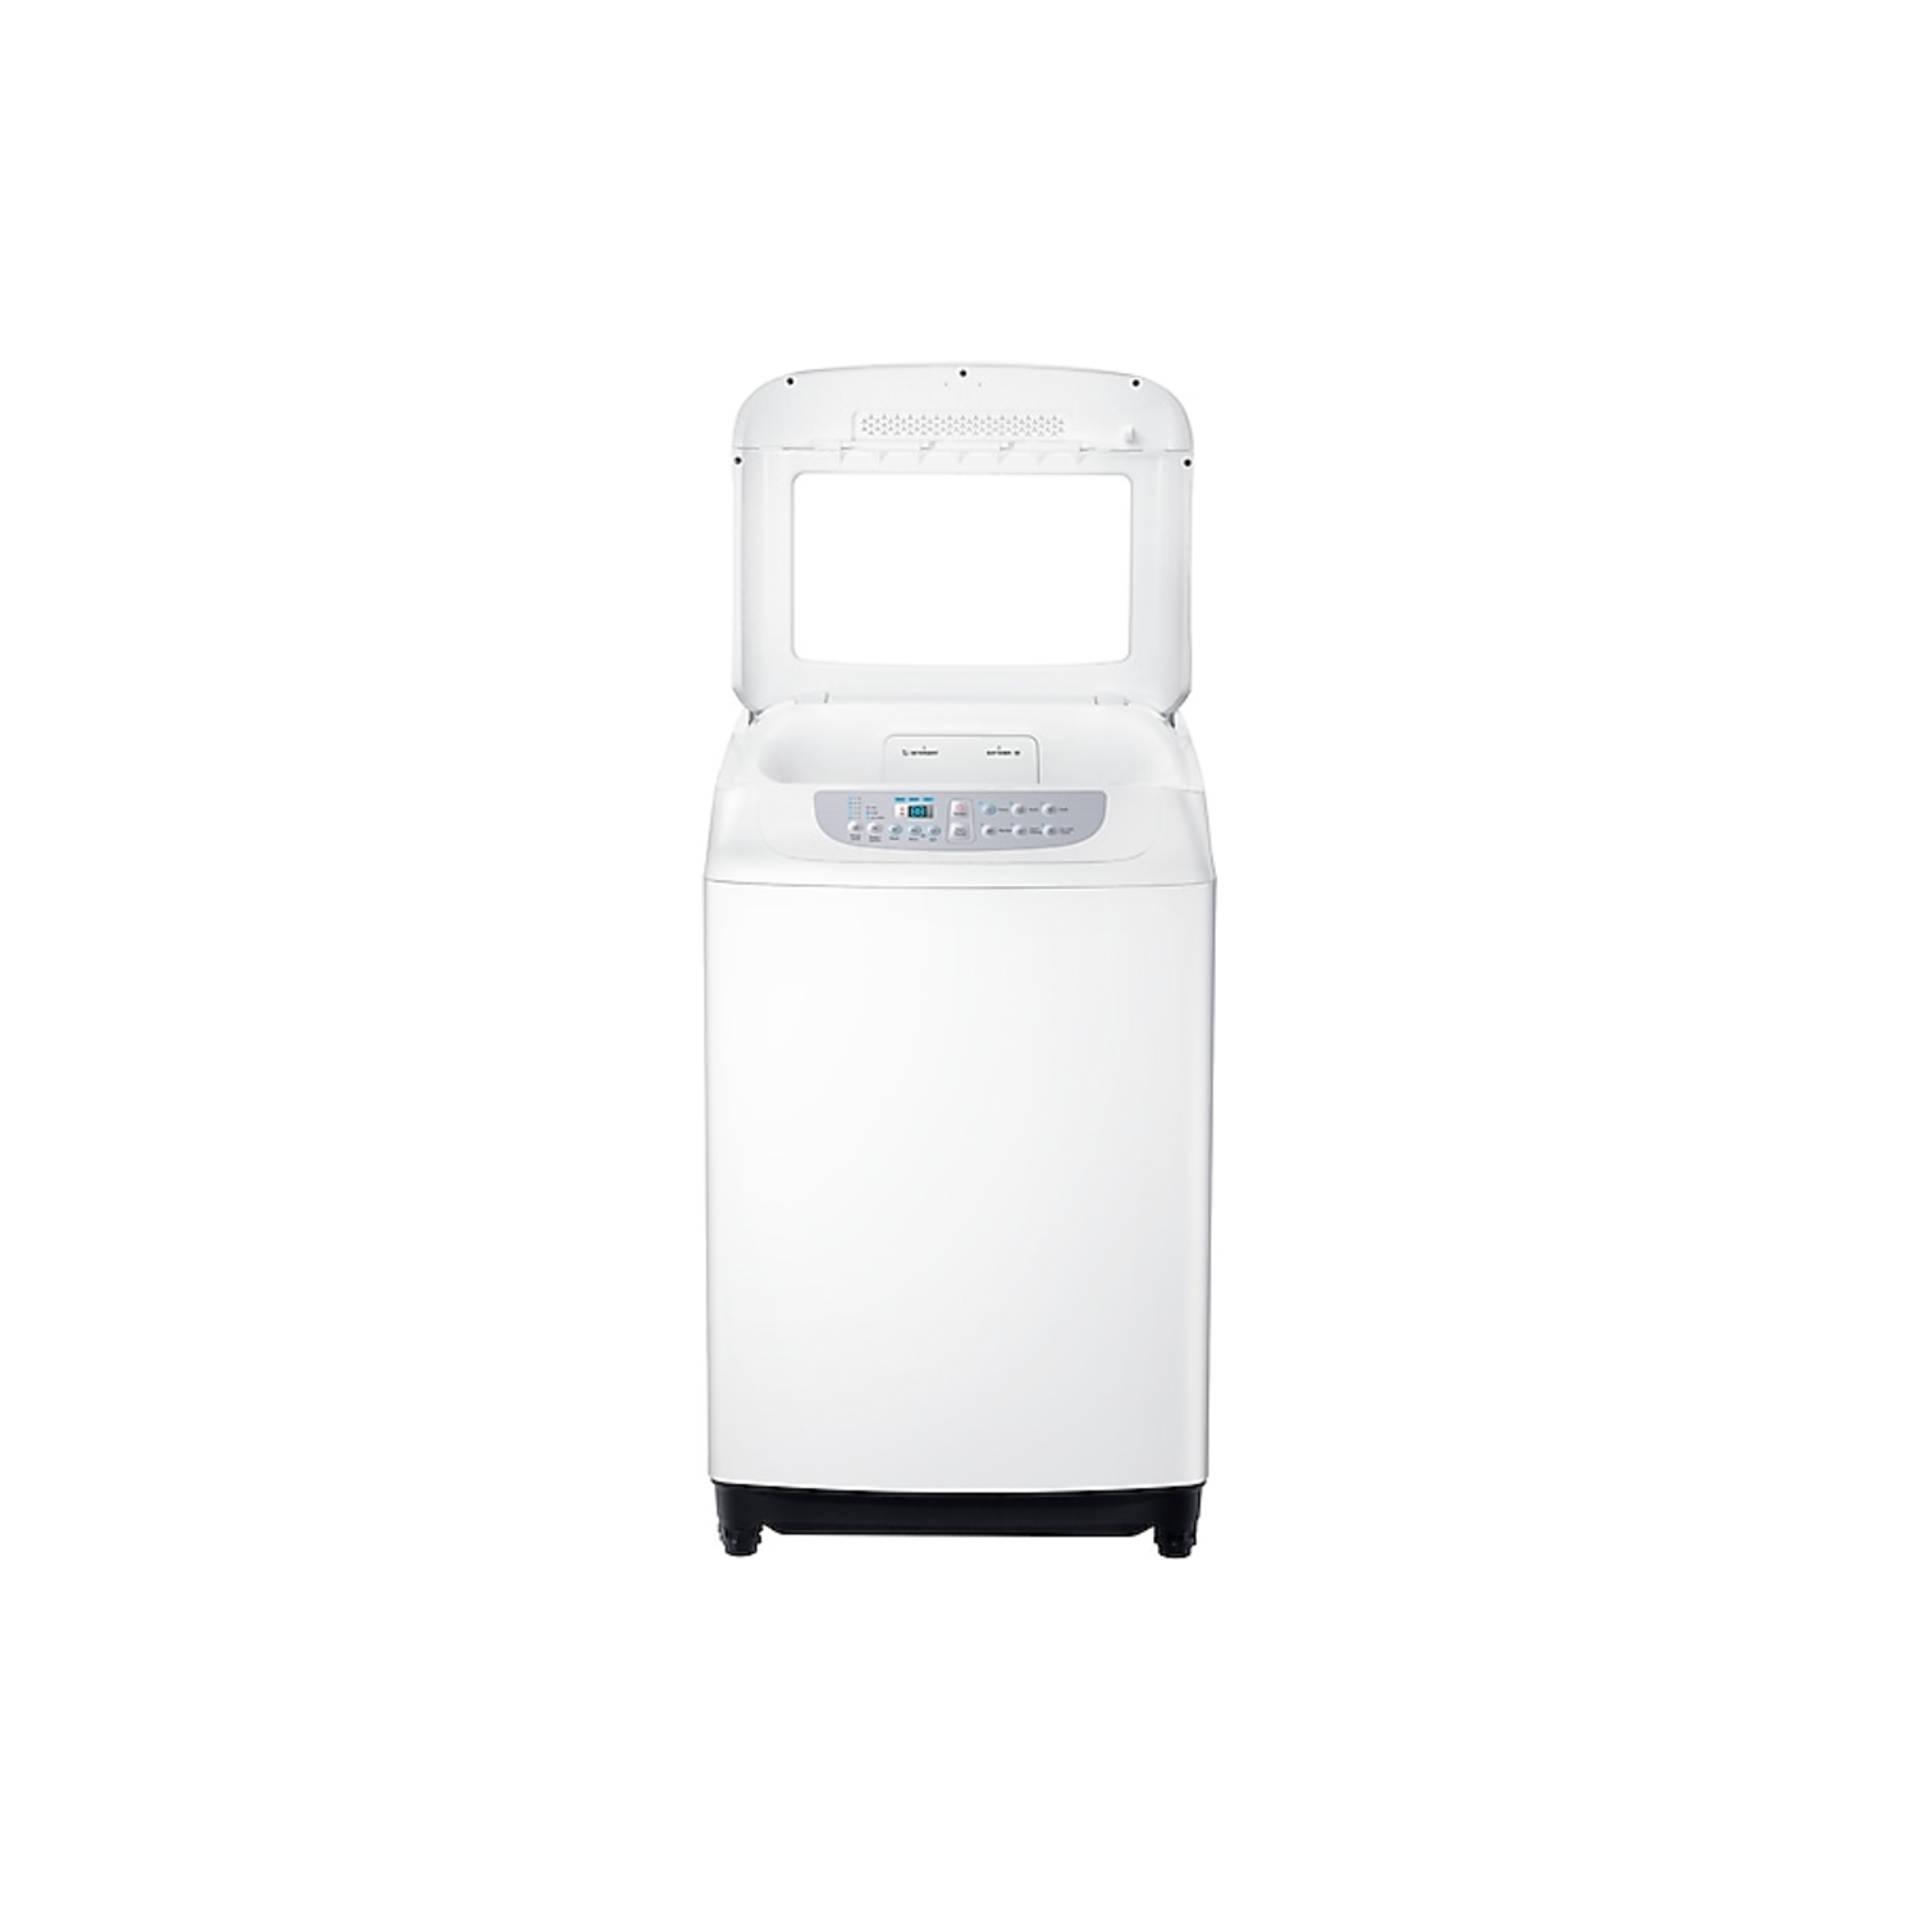 Samsung 13kg Top Loader Washing Machine - WA13F5S2UWW (Photo: 2)